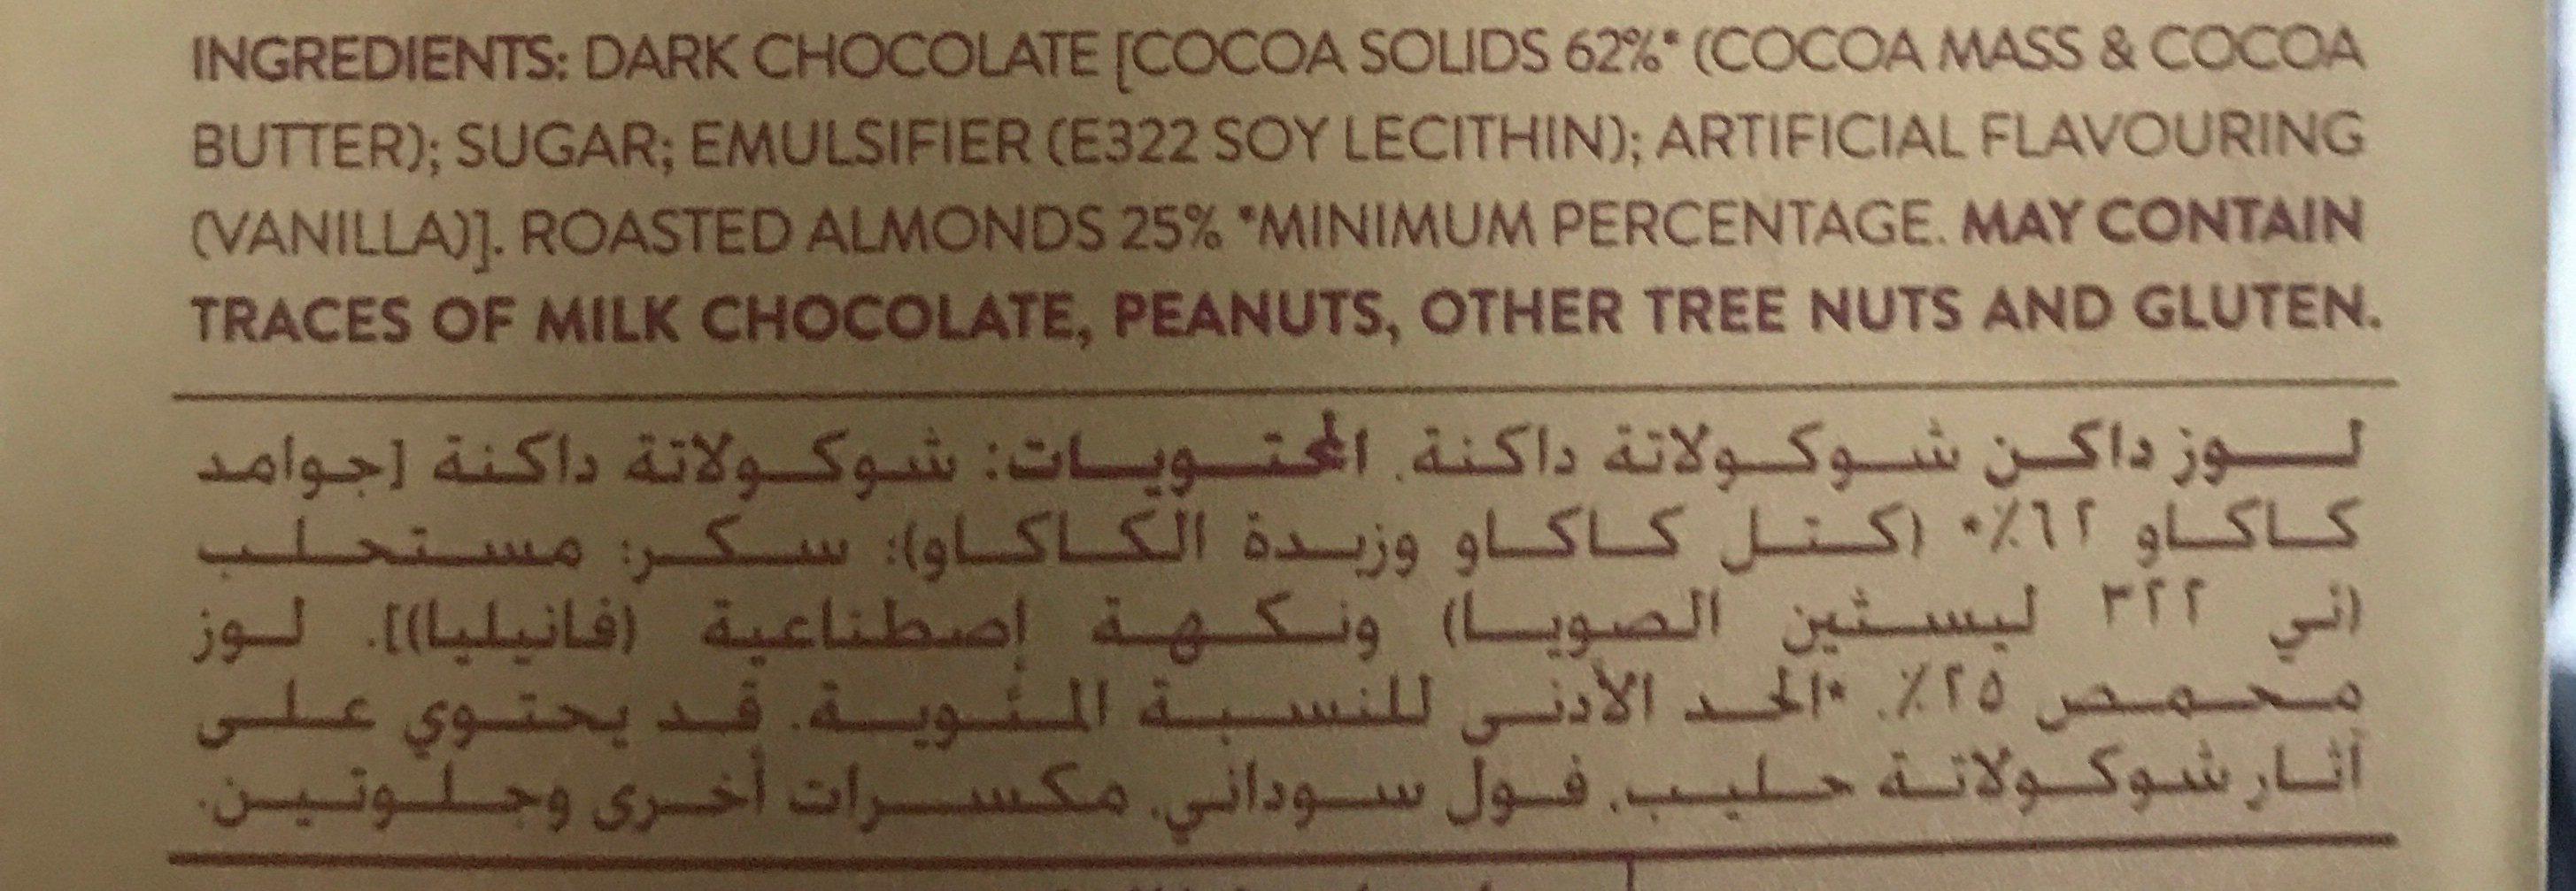 Dark Almond - Ingrédients